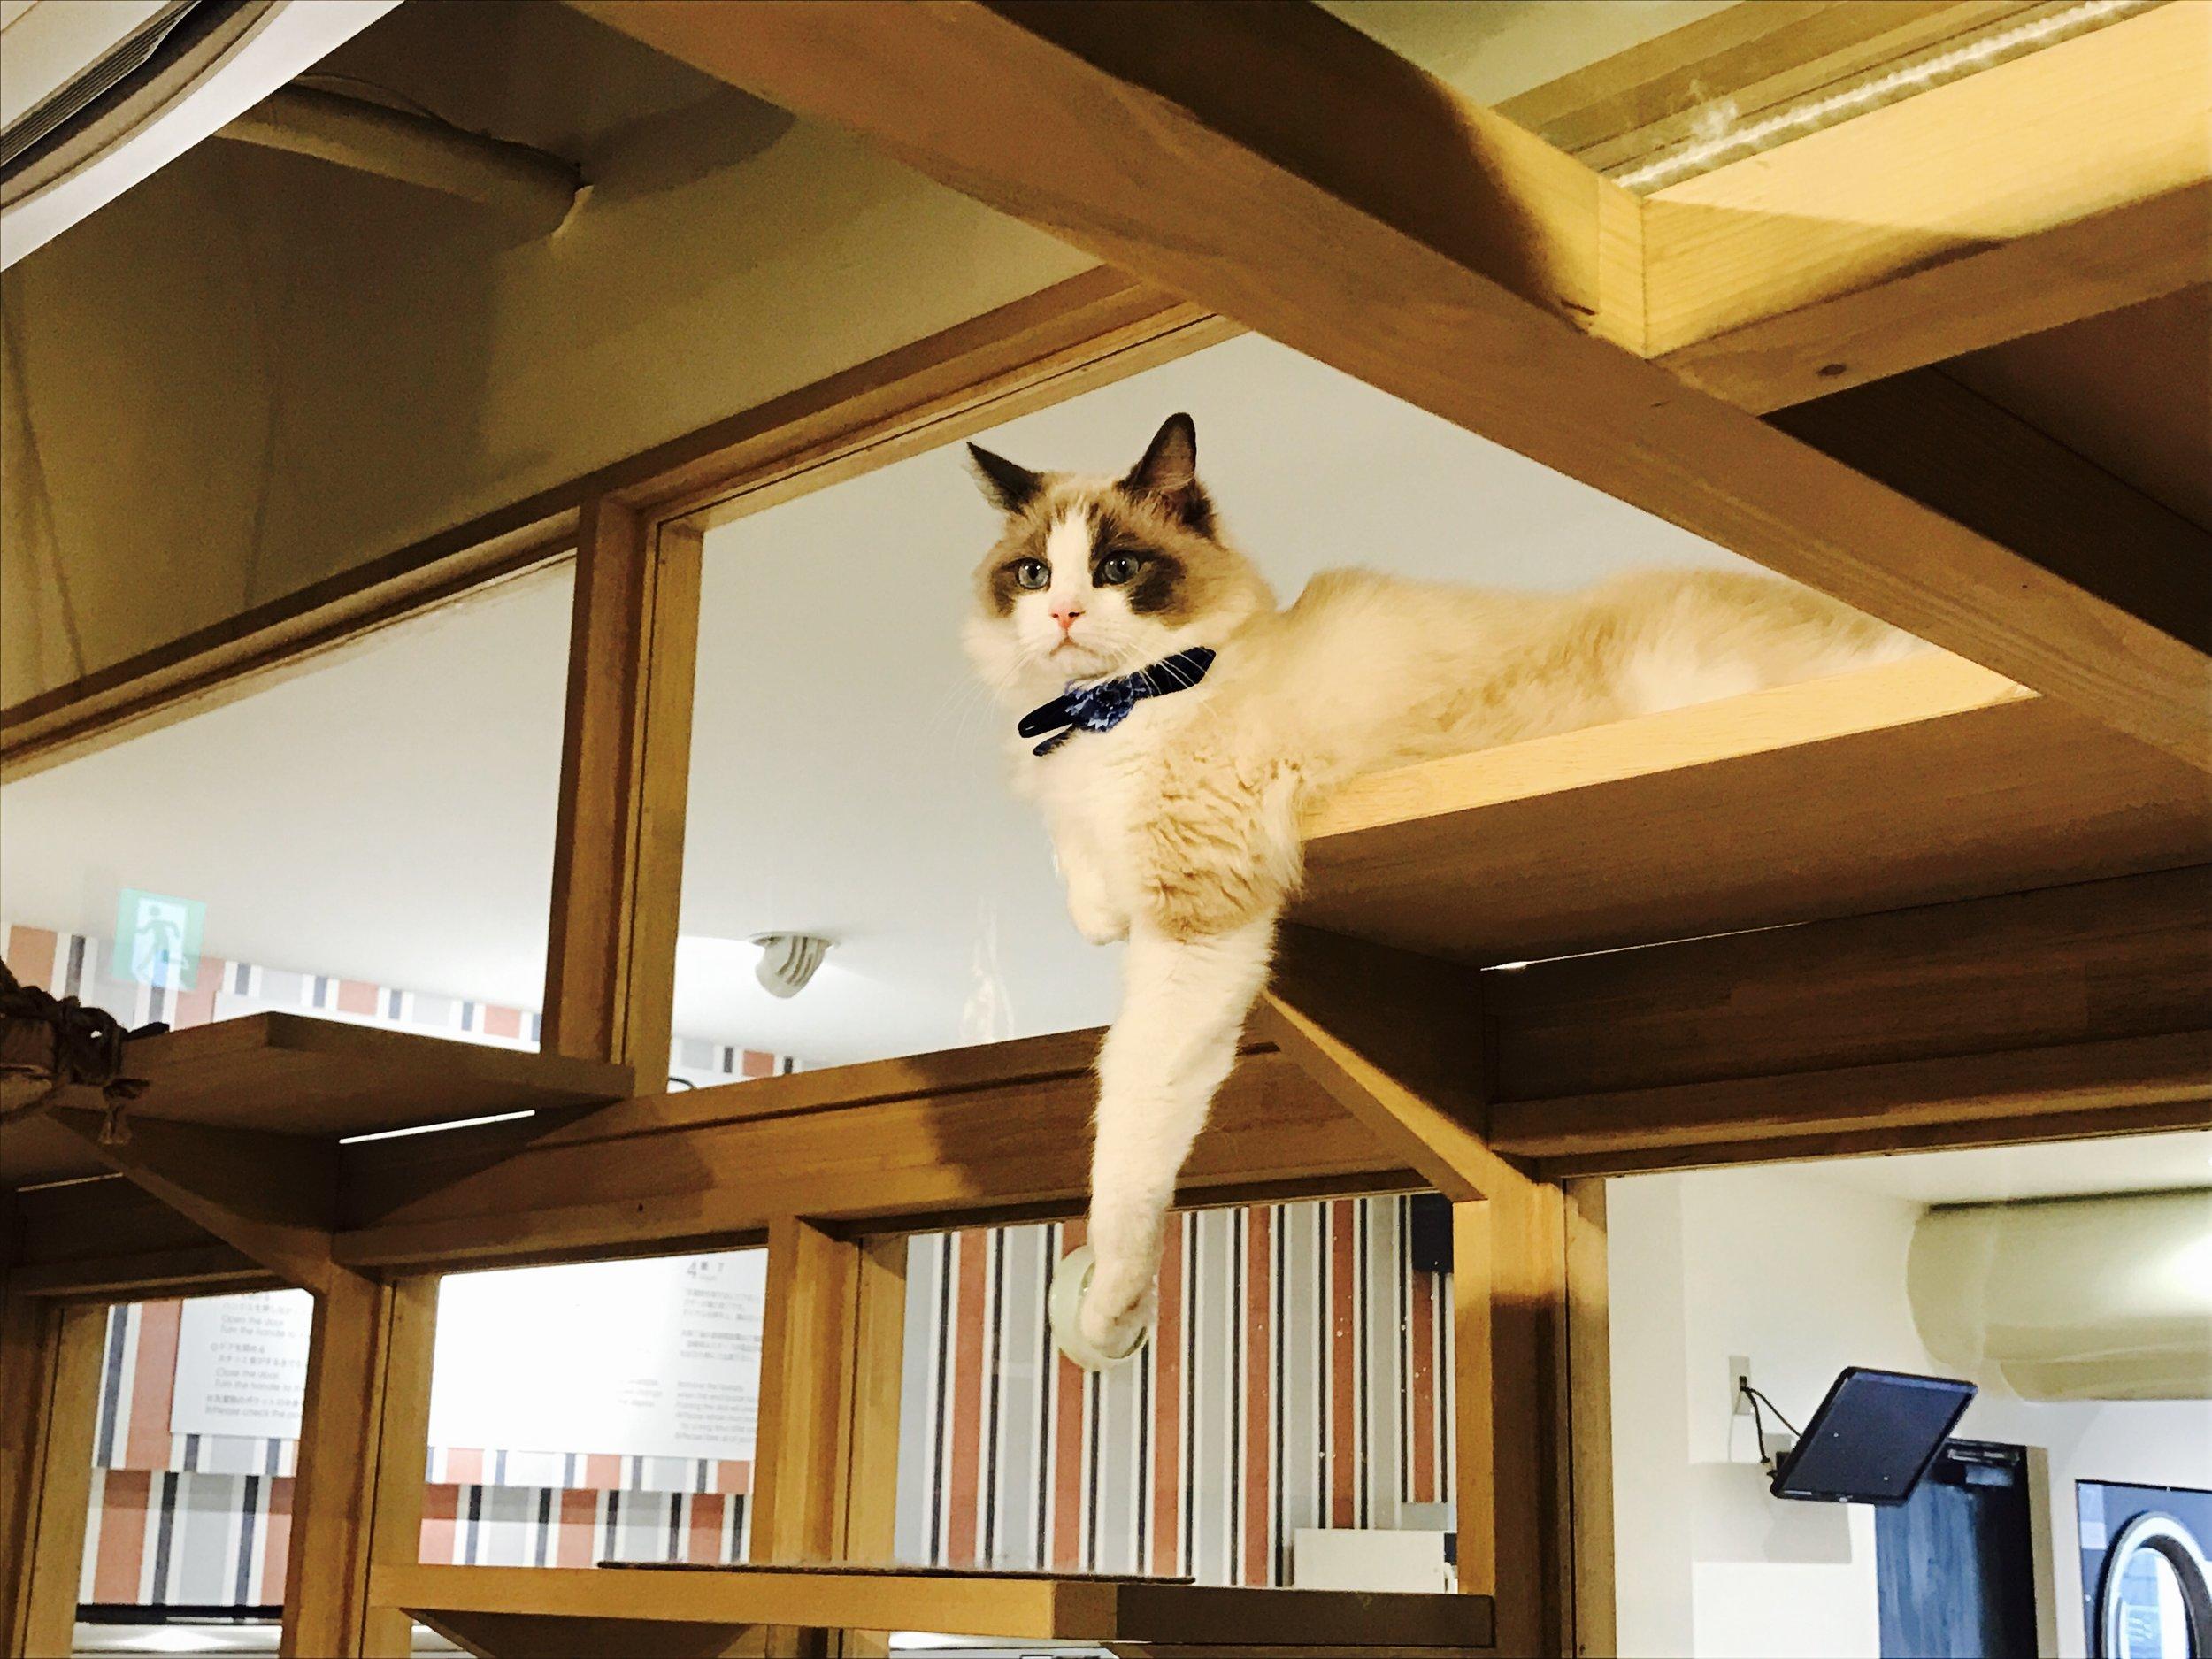 Nag_CatsGallery_02.jpg